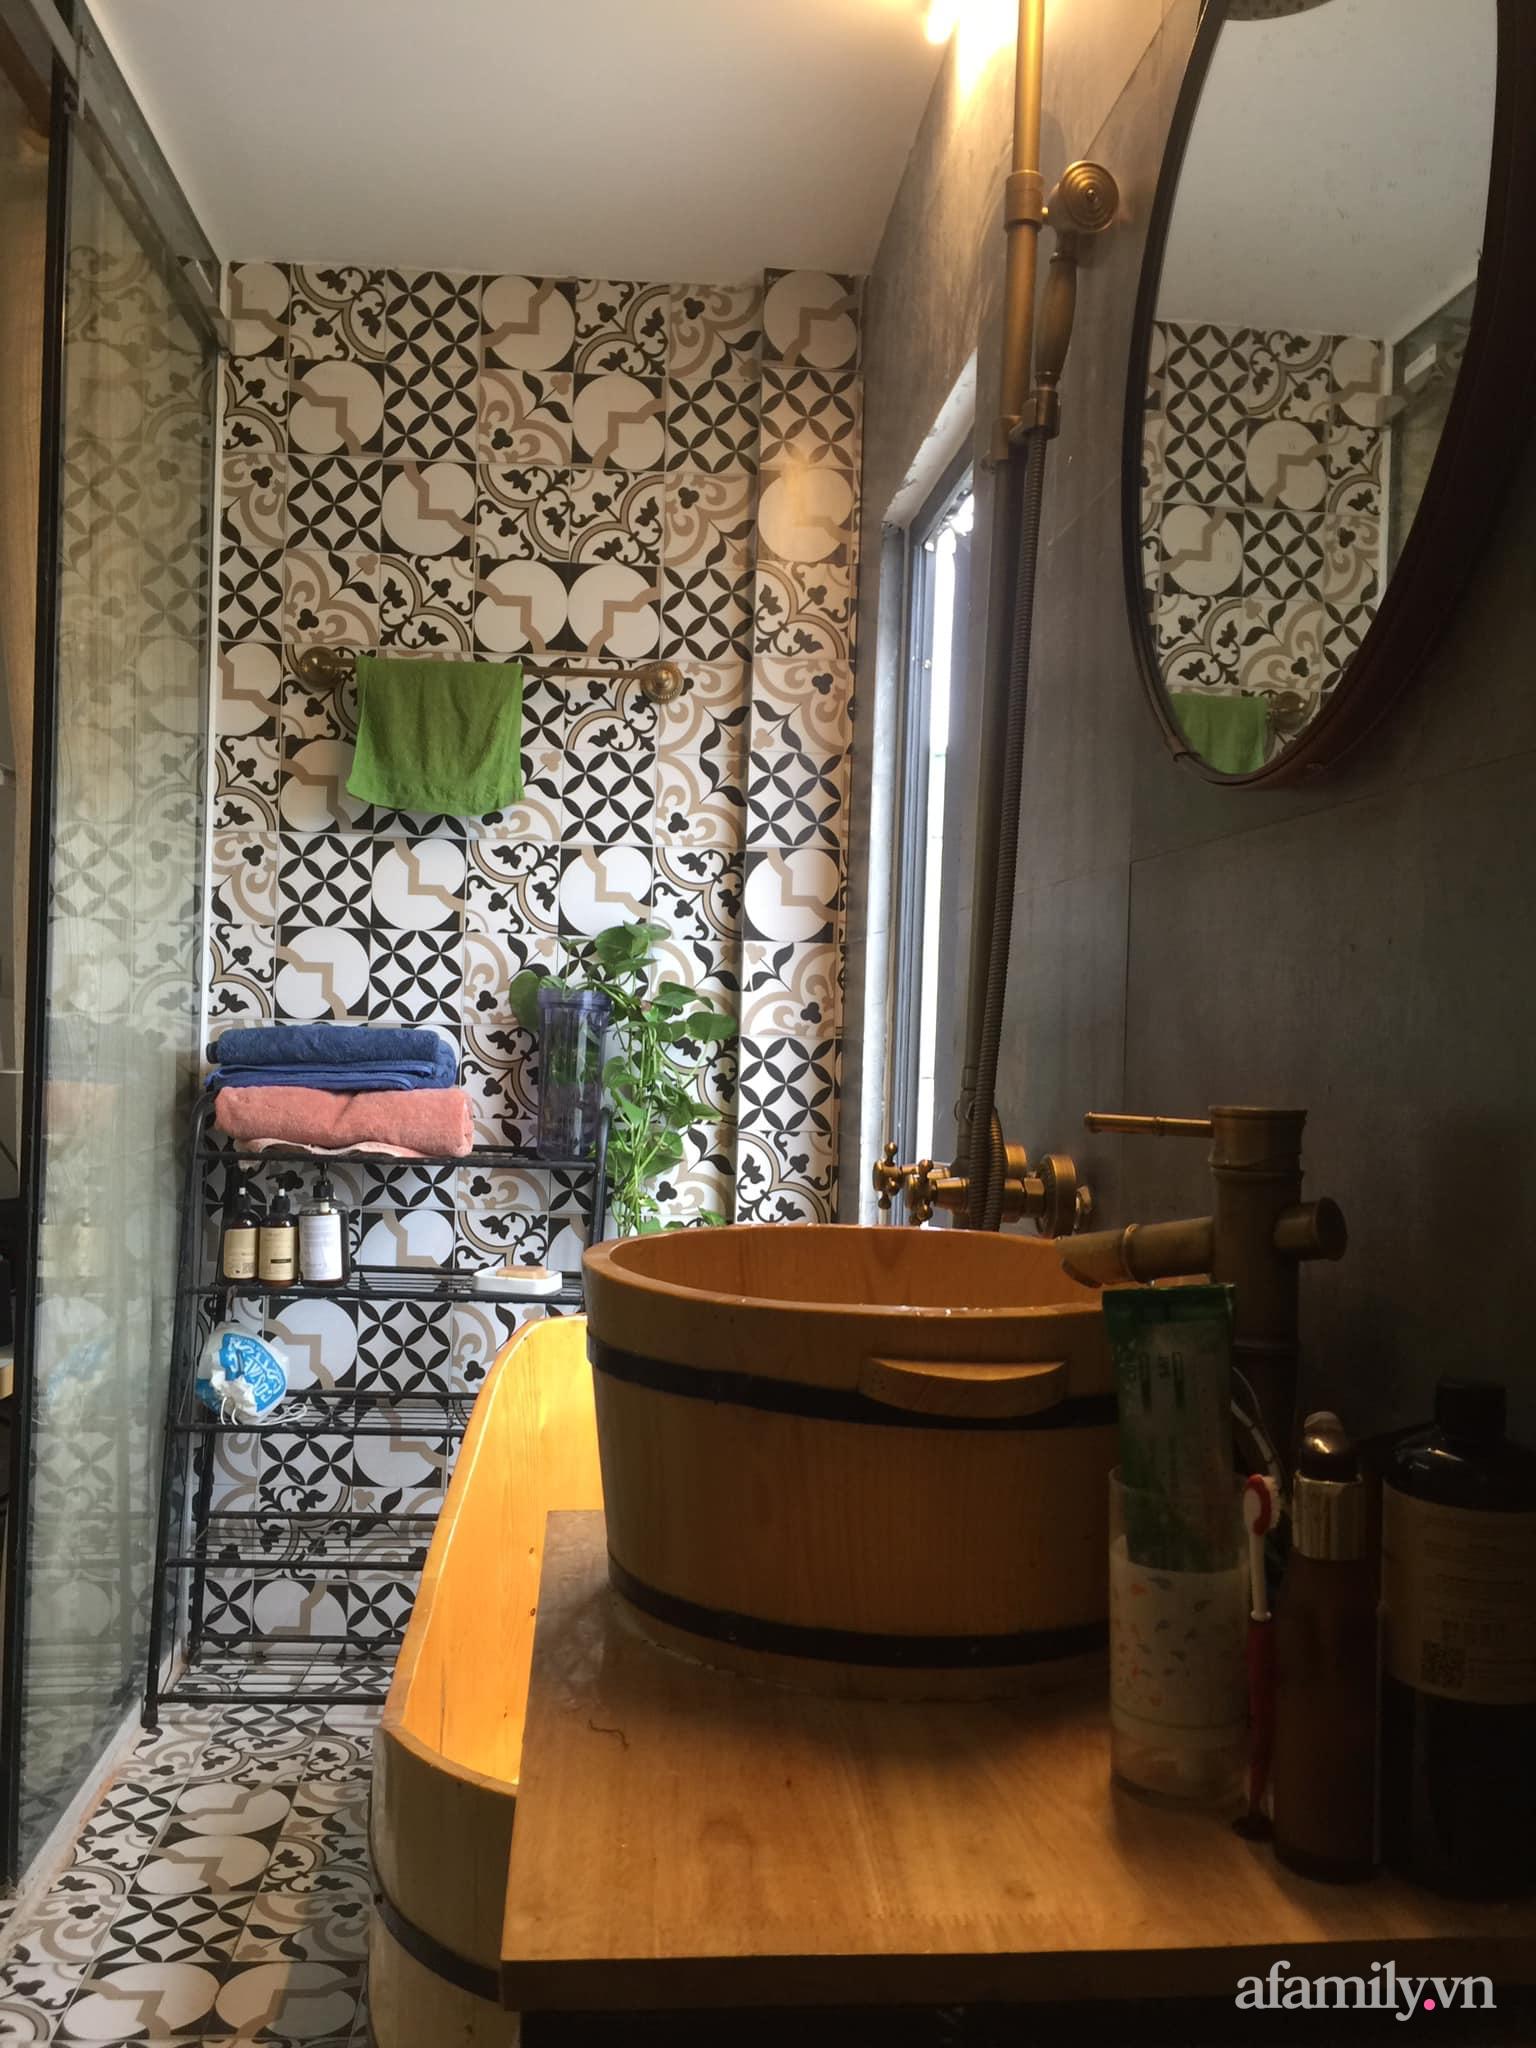 Chán cảnh thuê nhà, vợ chồng trẻ tích cóp tiền cải tạo nhà phố 20m² thành tổ ấm lý tưởng ở Hà Nội - Ảnh 15.